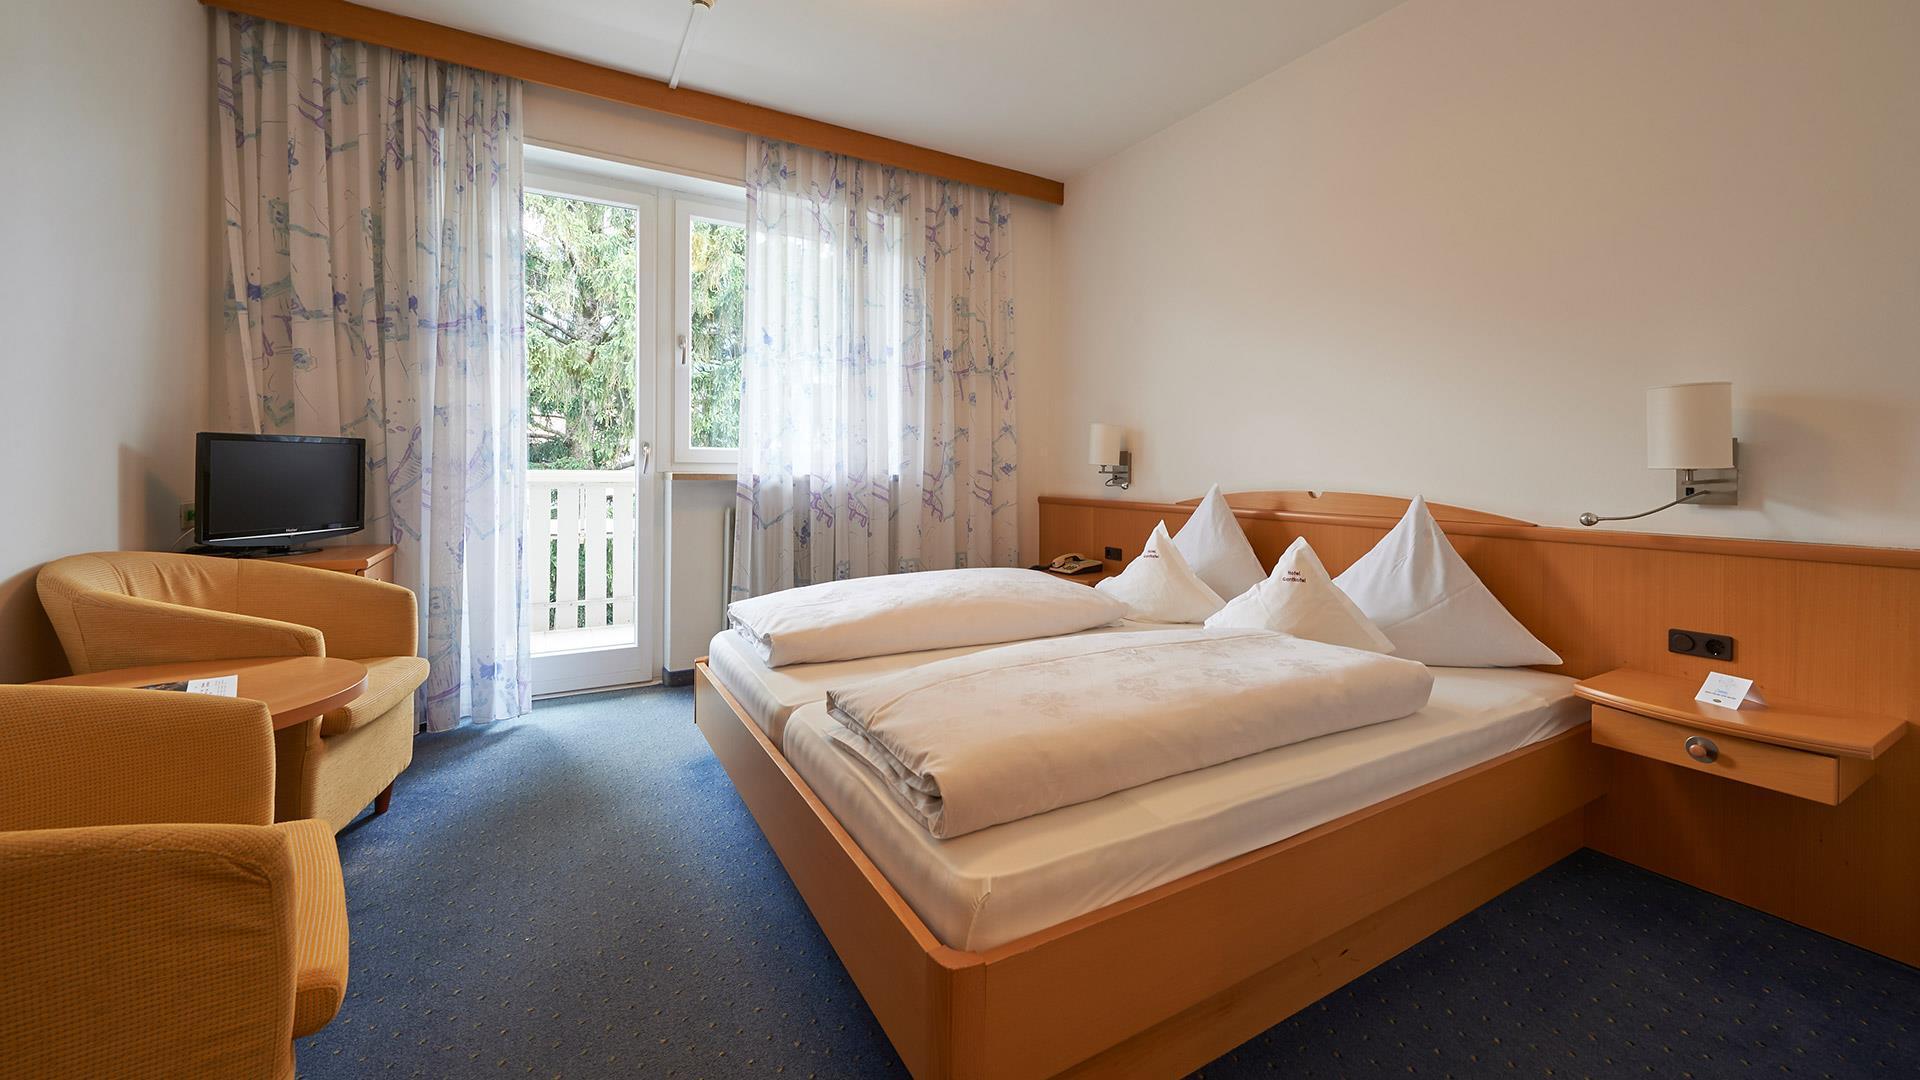 die zimmer im hotel gantkofel in andrian berzeugen mit tollem ausblick kuschelzimmer doppelzimmer. Black Bedroom Furniture Sets. Home Design Ideas